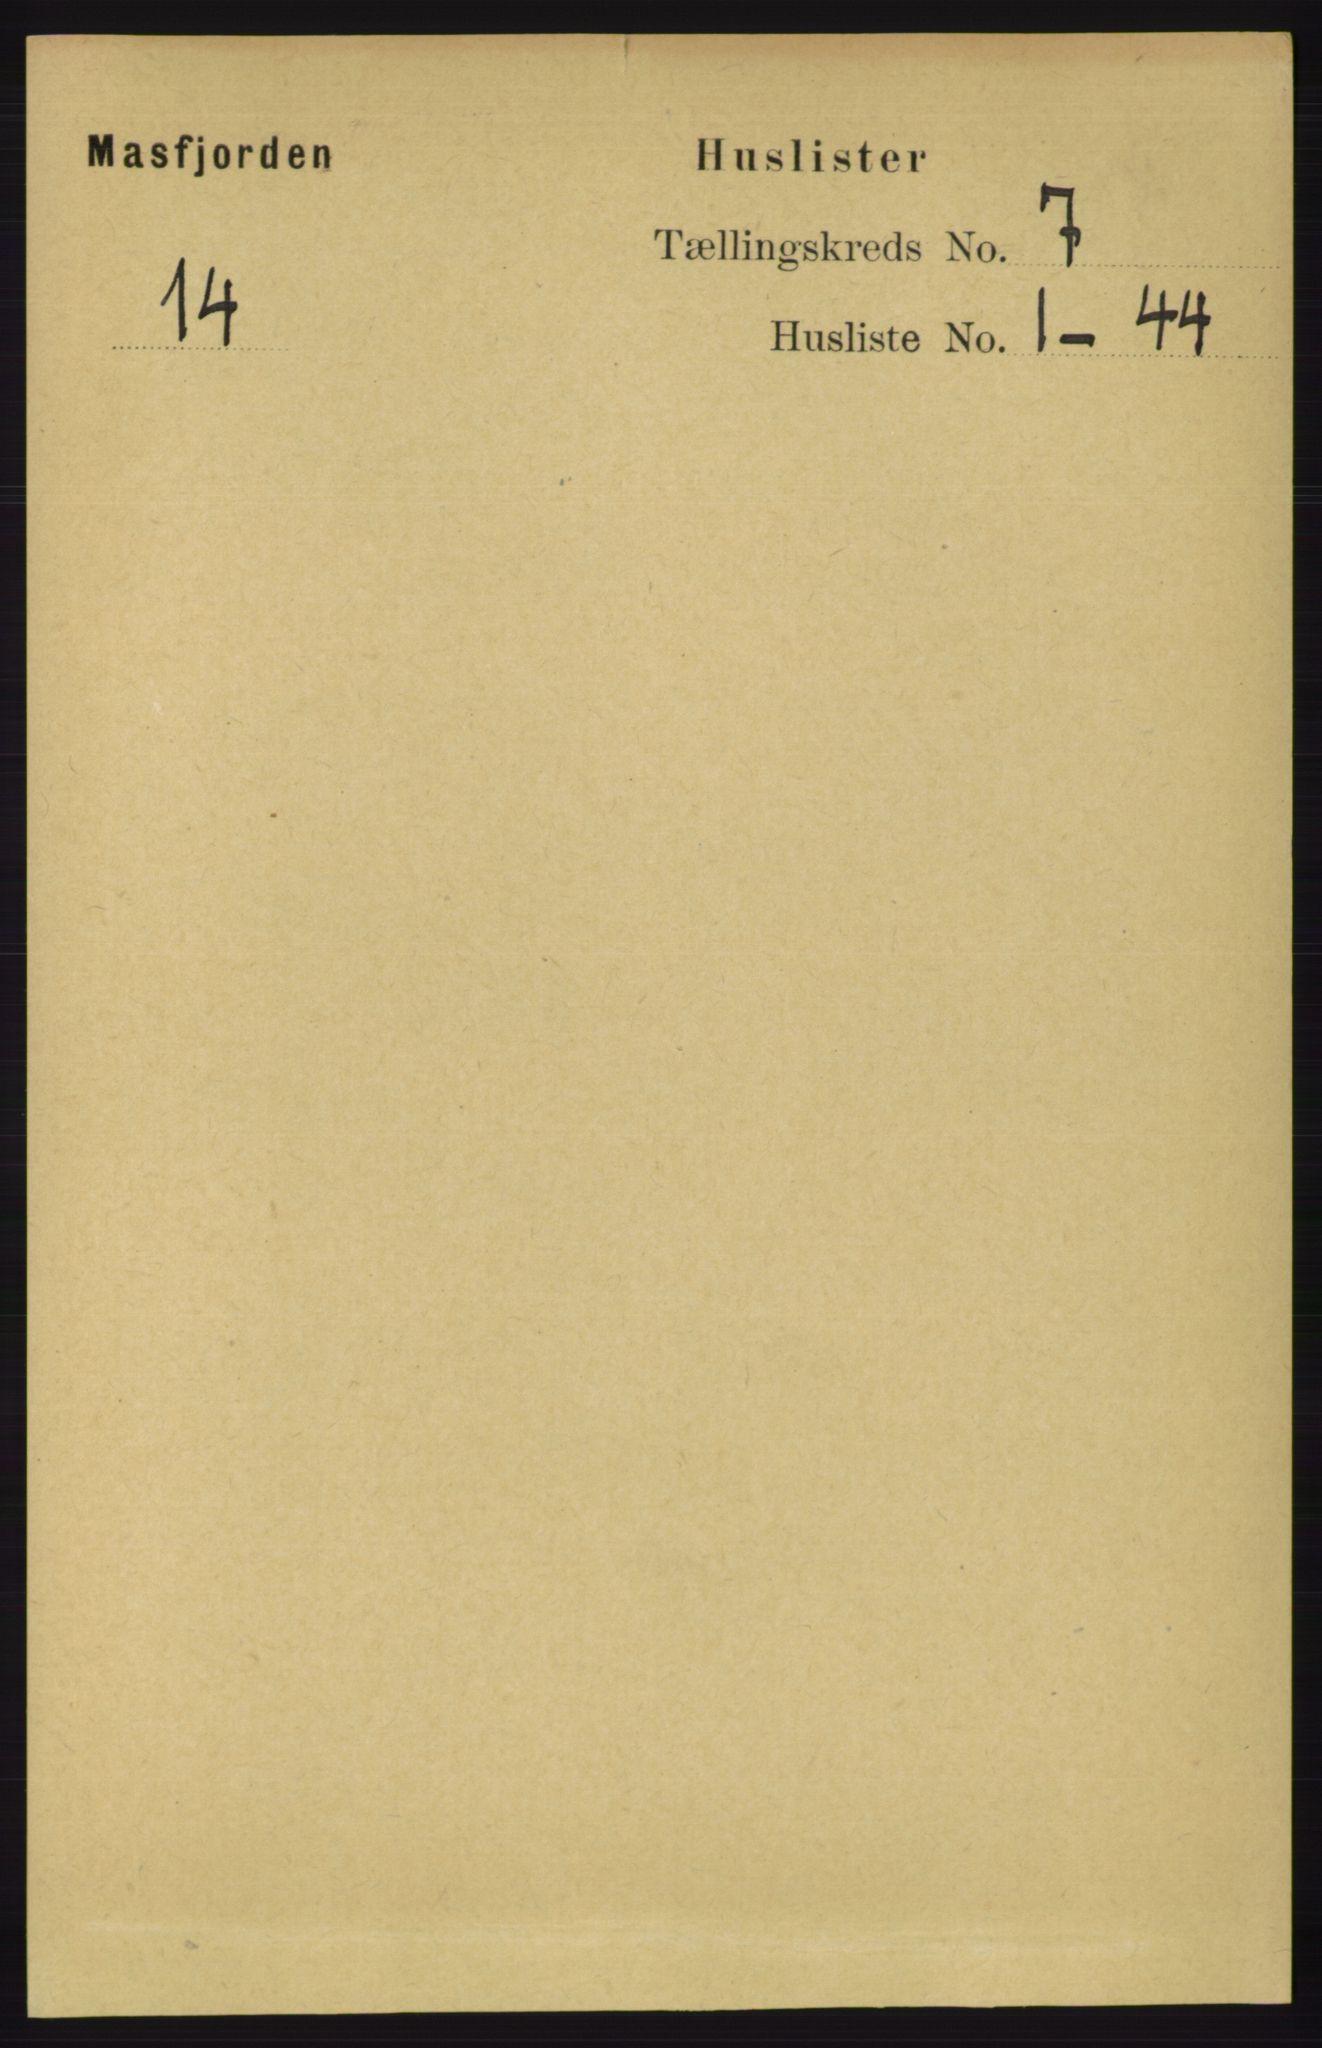 RA, Folketelling 1891 for 1266 Masfjorden herred, 1891, s. 1135